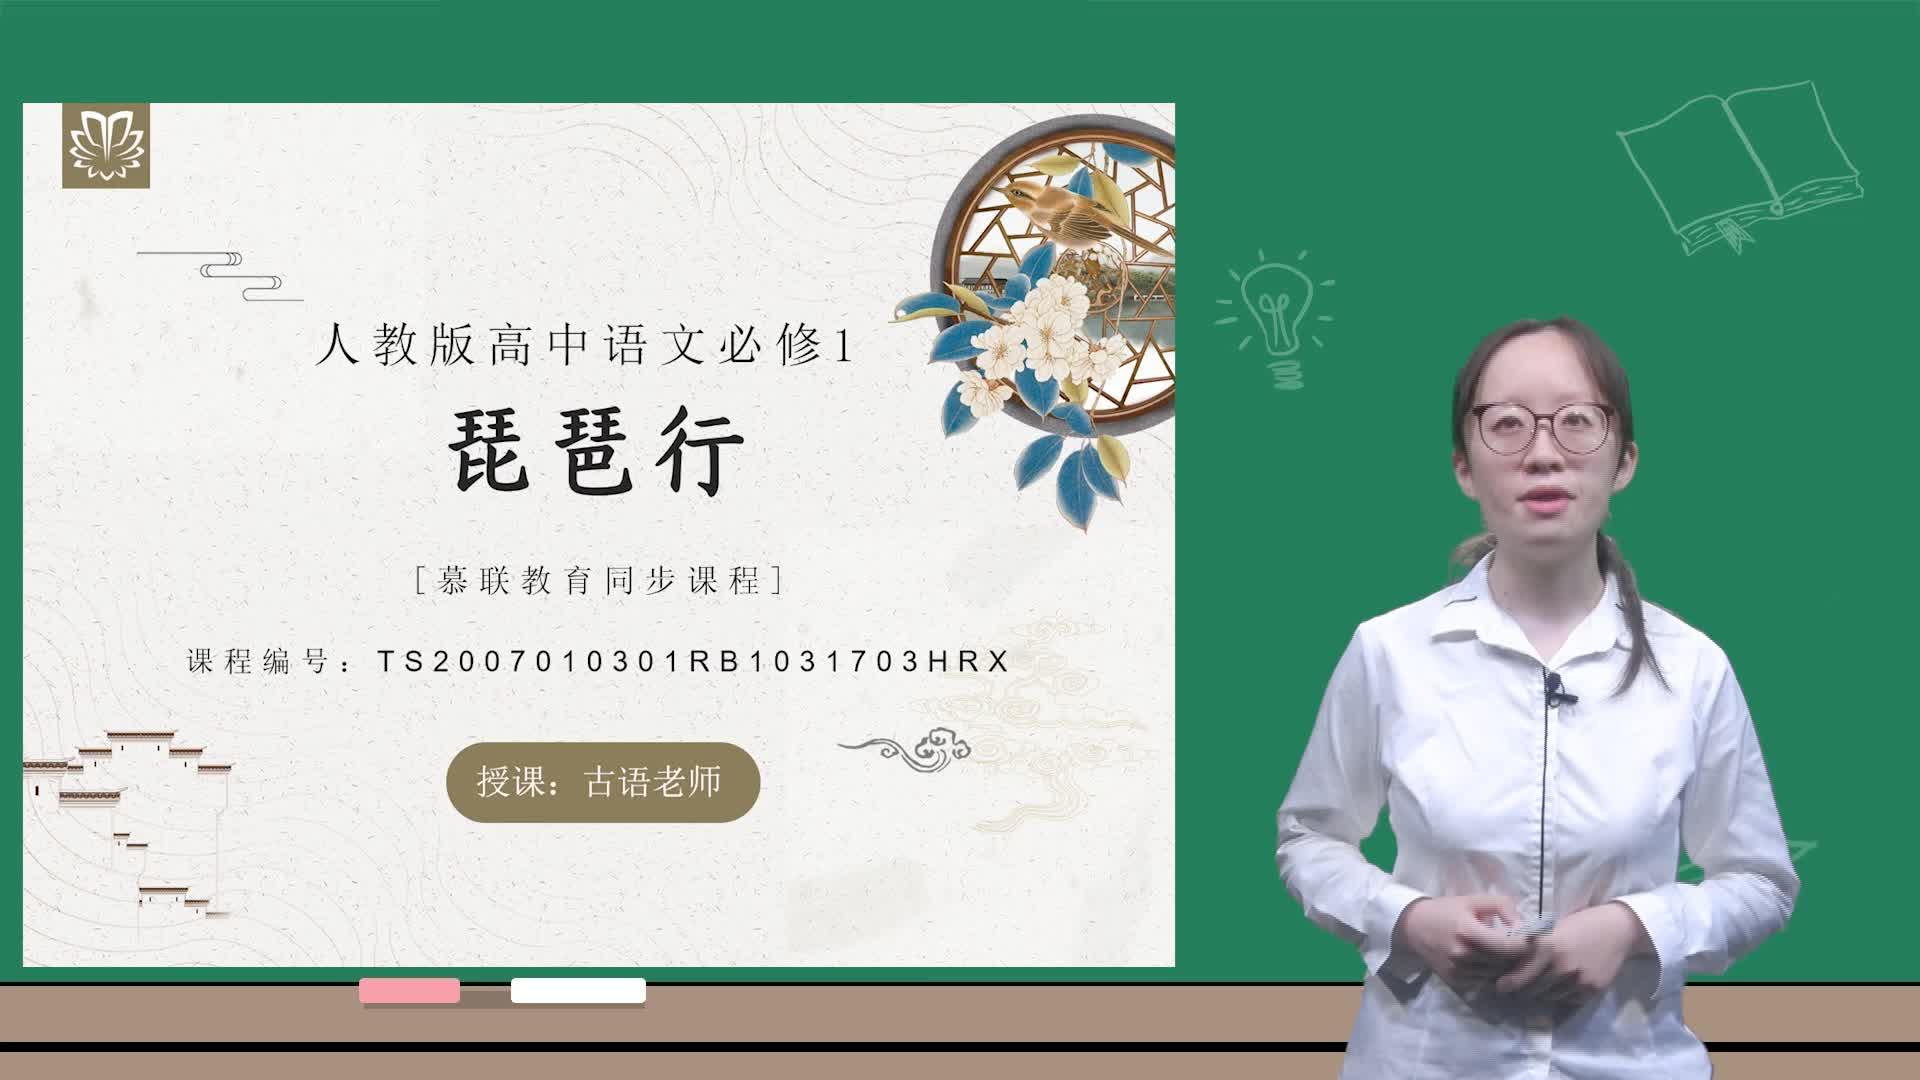 视频3.17.3琵琶行-【慕联】高中新教材完全同步统编版语文必修上册